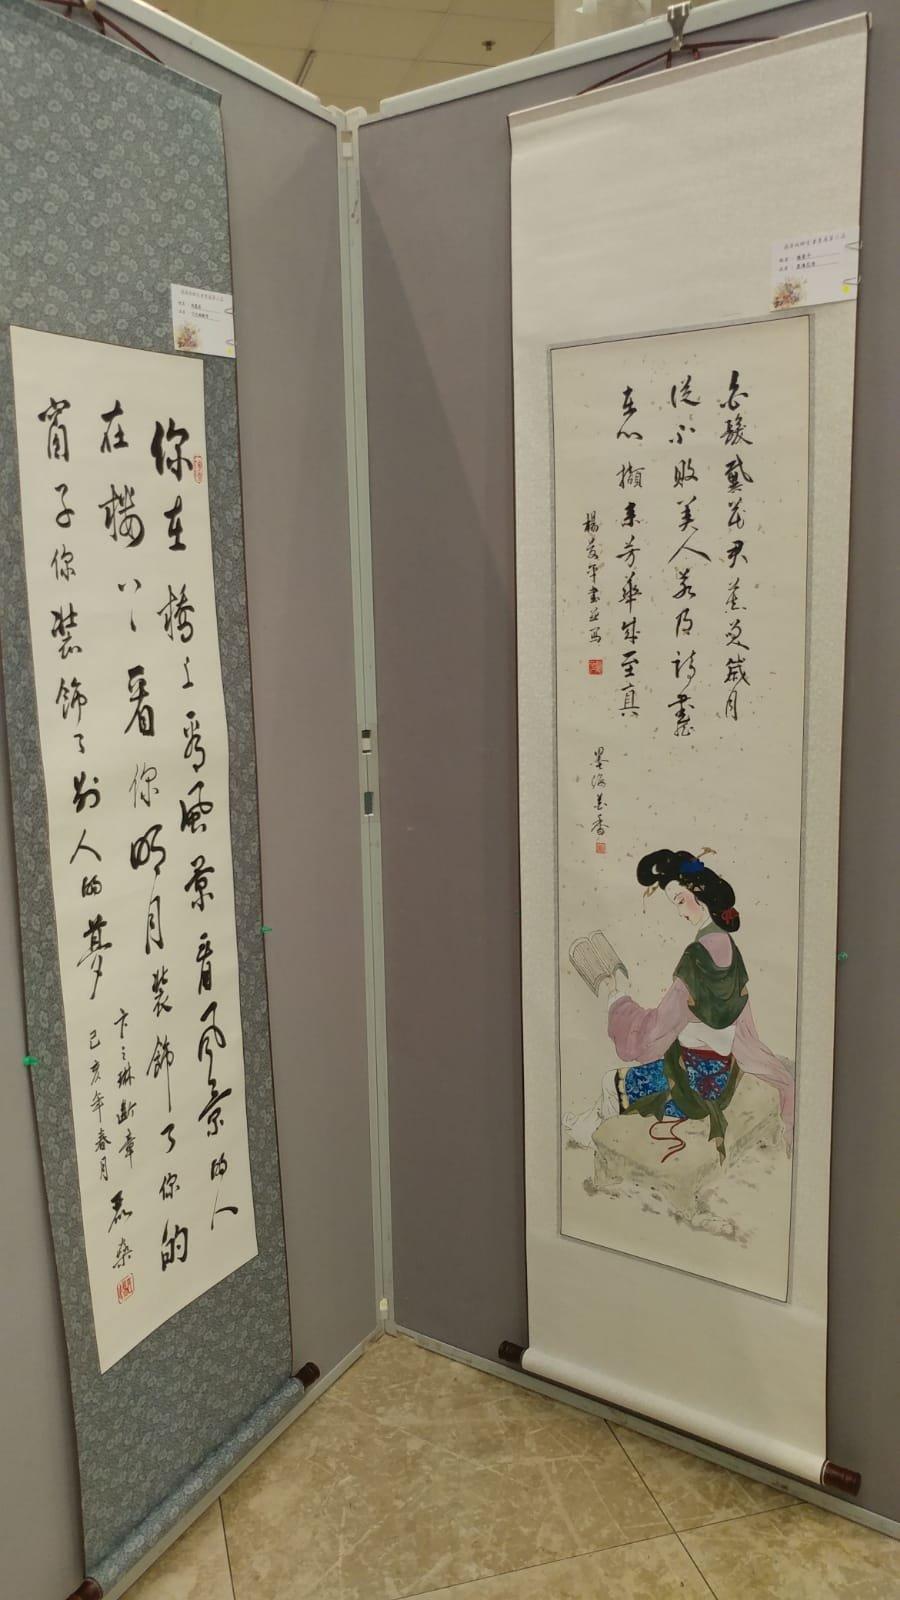 梁廣城師生書畫展, 5月17日(五) - 10